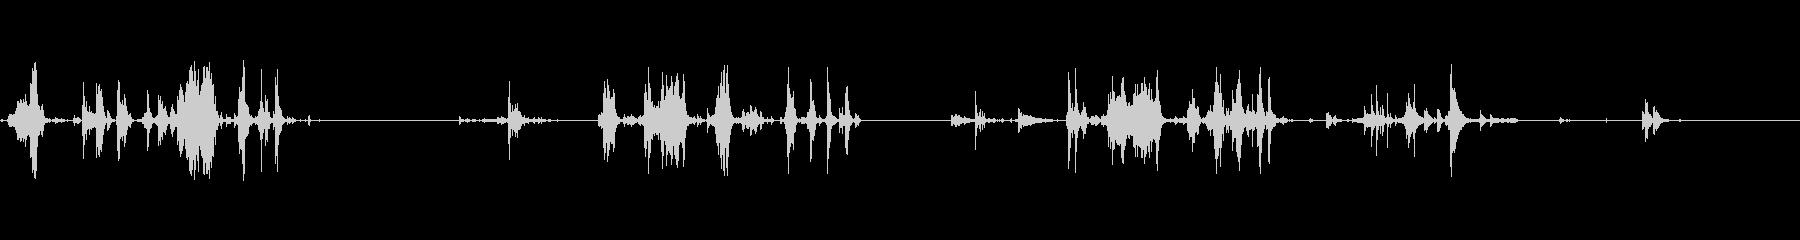 シャベルガベージガベージホイットシ...の未再生の波形